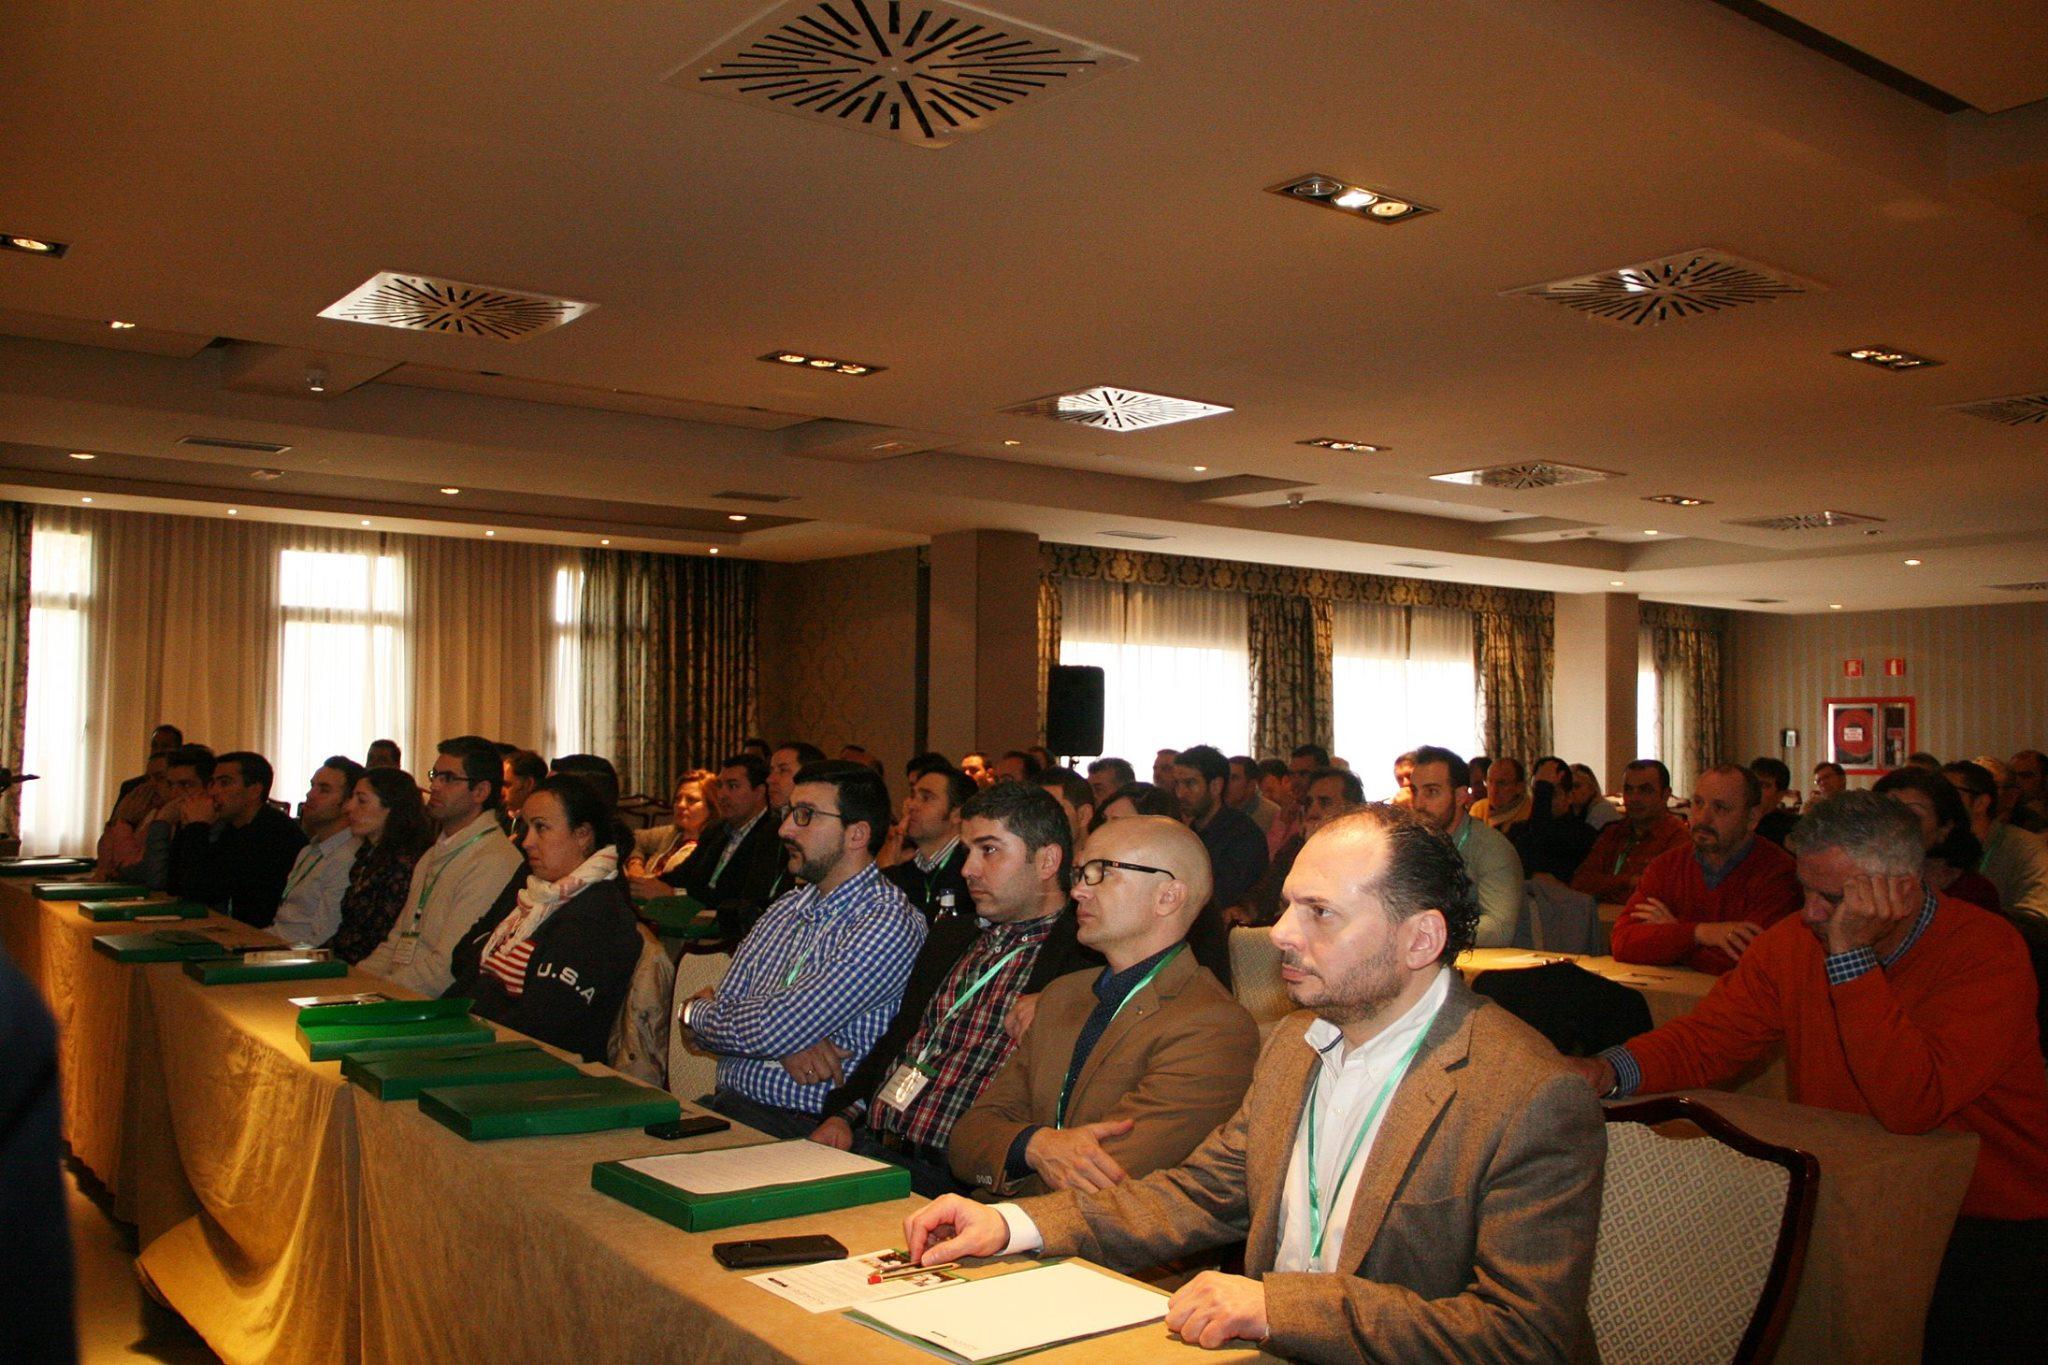 Éxito total de la Jornada Formativa sobre el Jamón llevada a cabo por AGACUJ